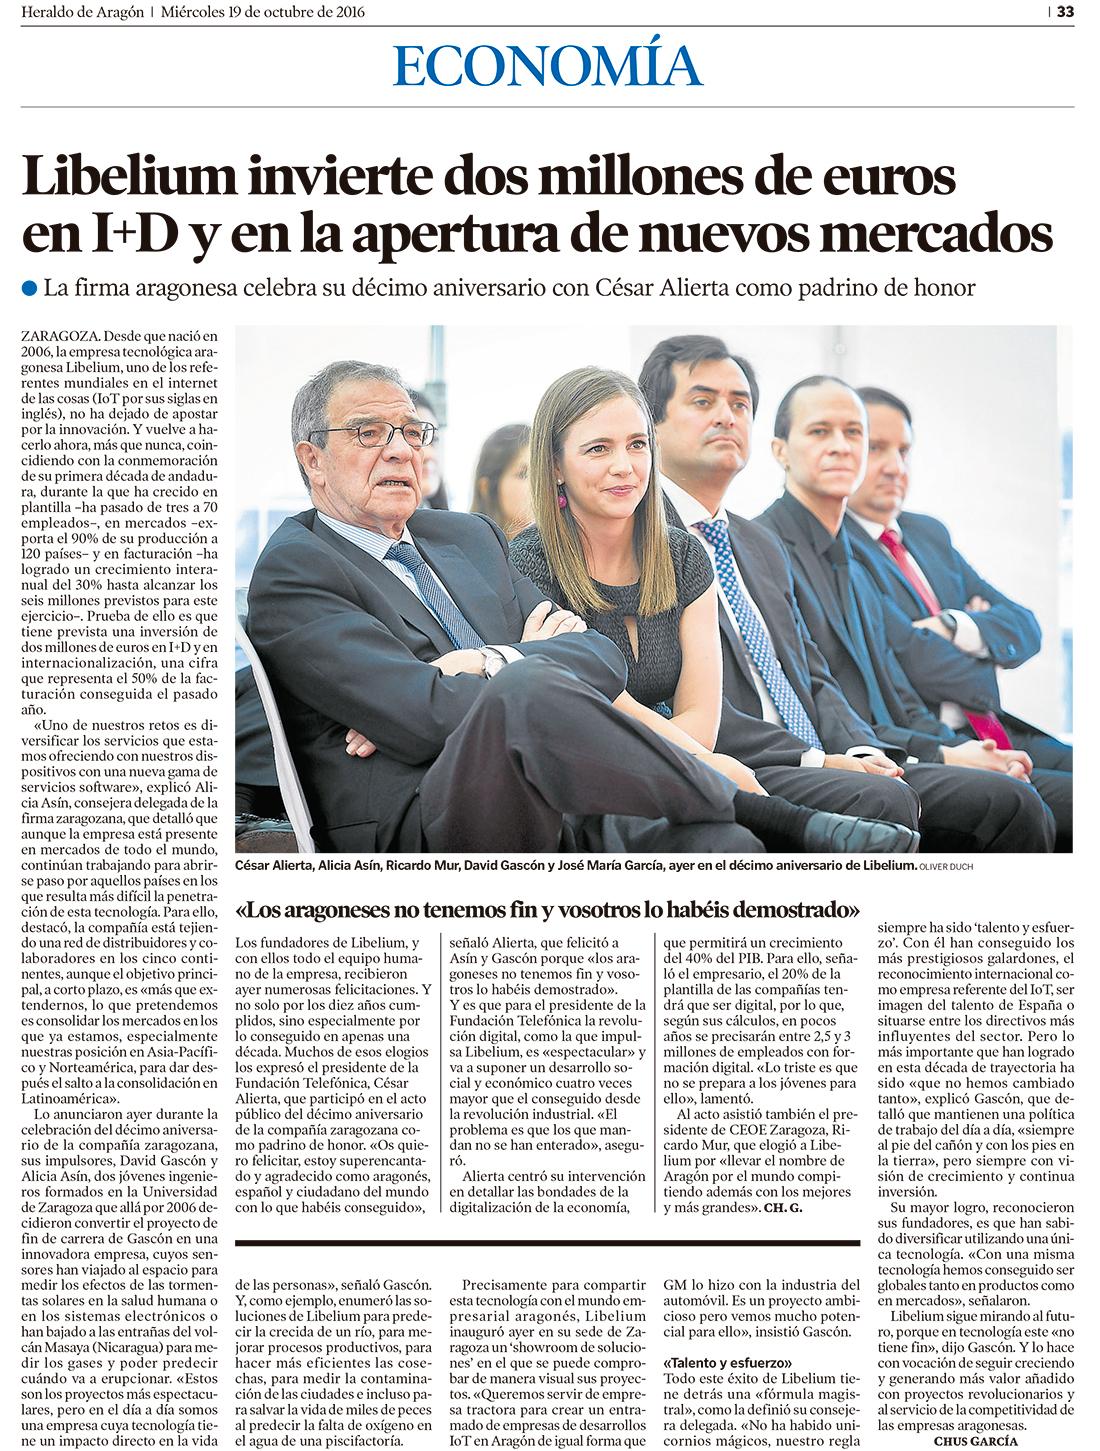 Heraldo de Aragón – Libelium invierte 2 millones de euros en I+D